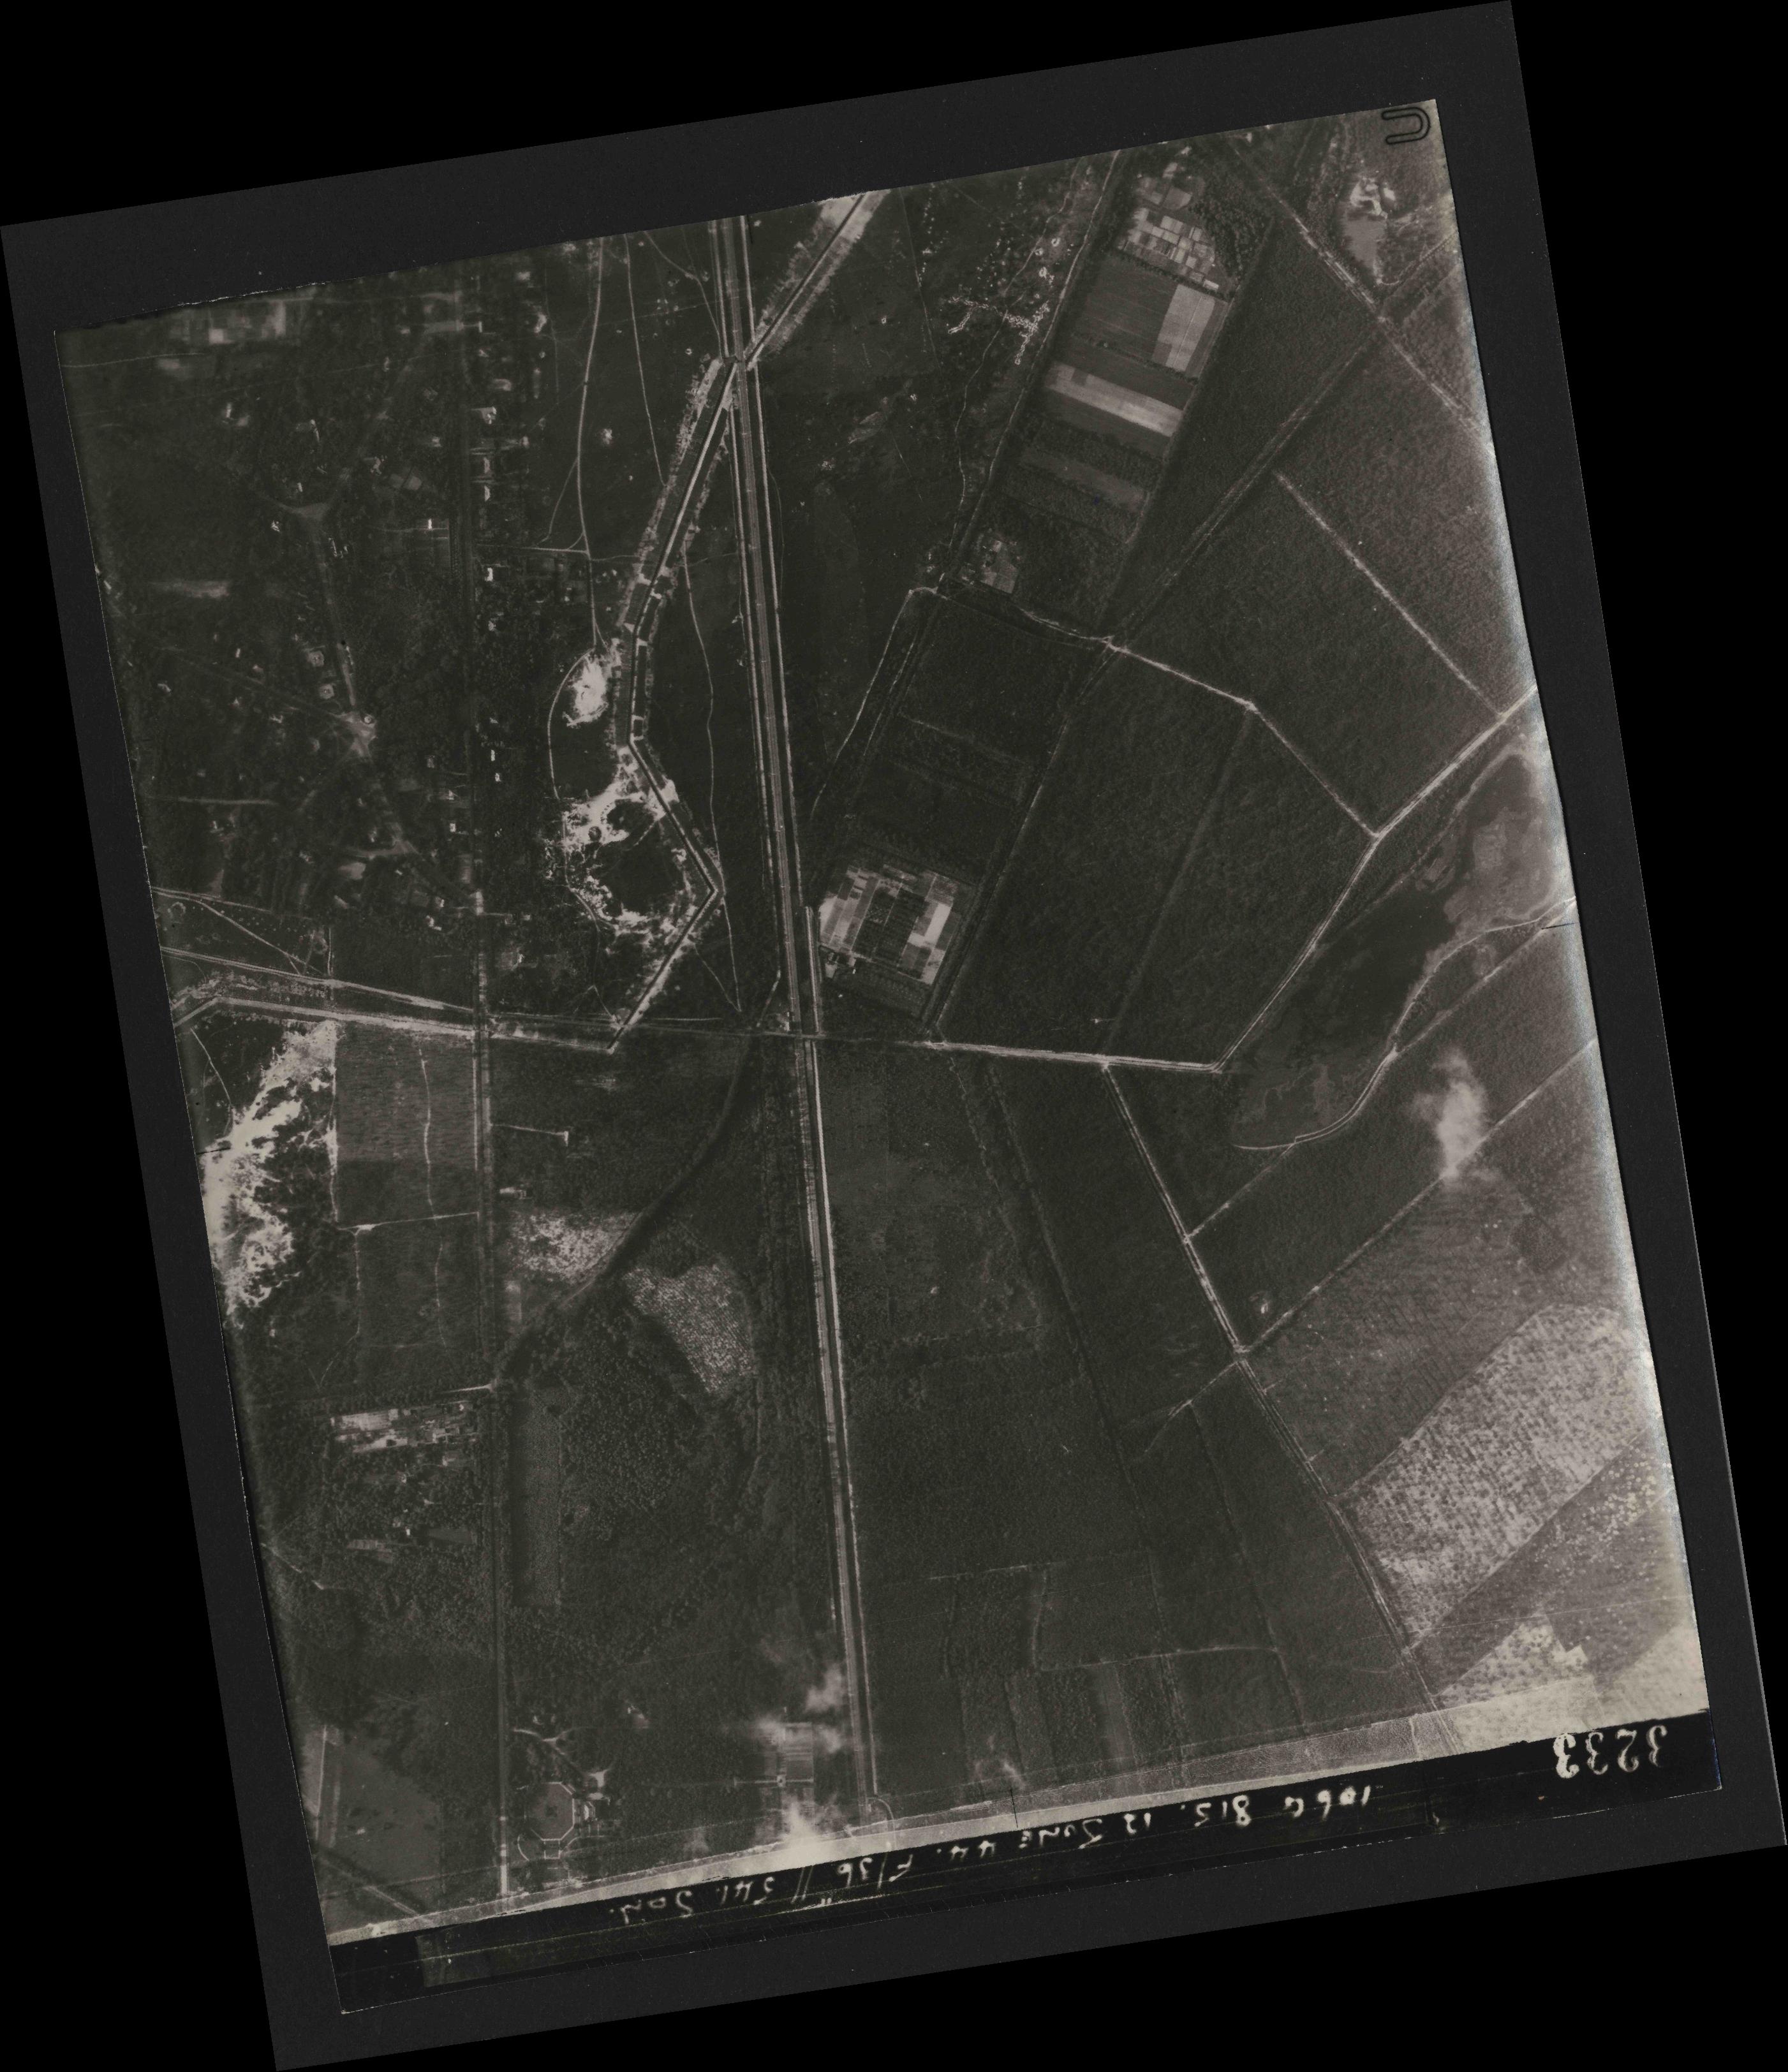 Collection RAF aerial photos 1940-1945 - flight 175, run 06, photo 3233